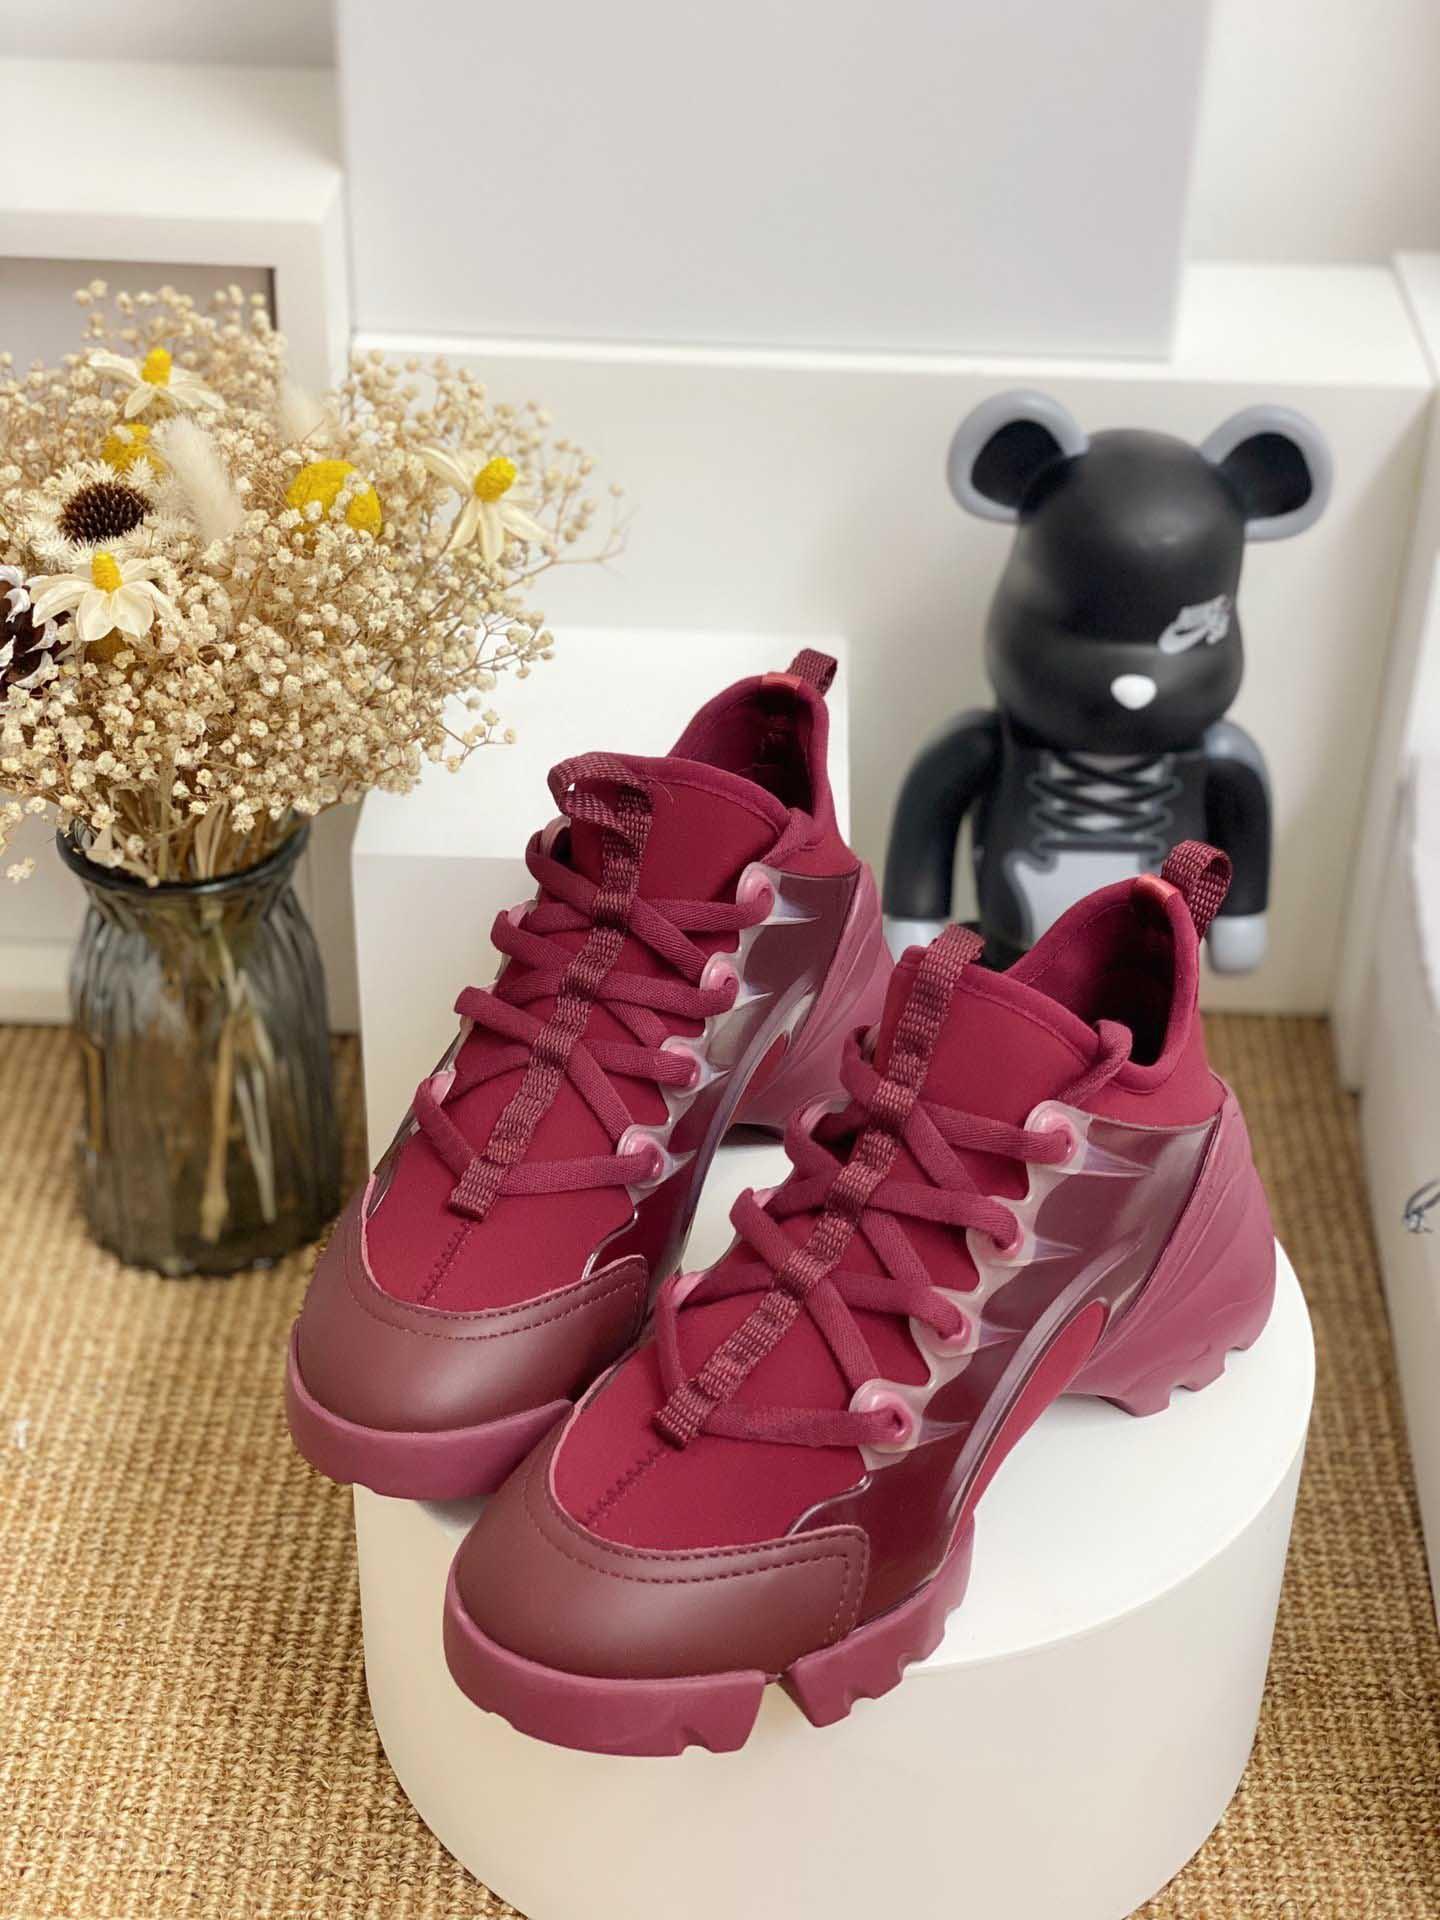 2020PP neue beiläufige Männer Schuhe wilder Trendsportschuh wandern Reise-Schuhe Outdoor-Bergabenteuer shoelace original box schnelle Lieferung